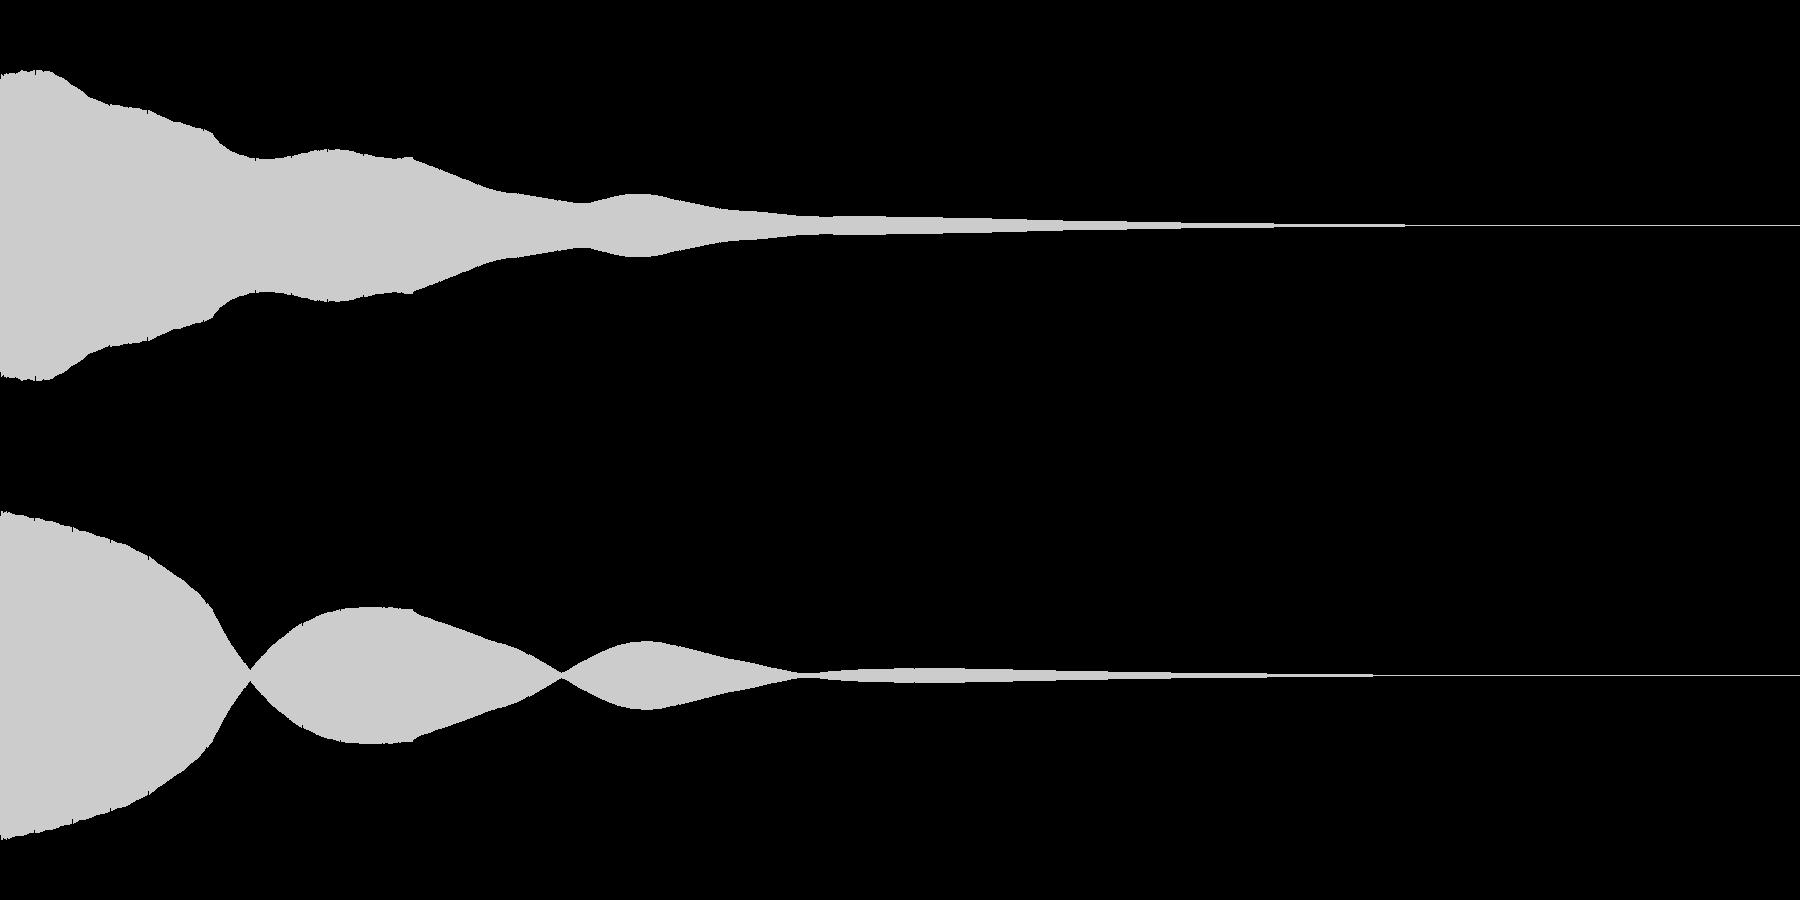 決定/ボタン押下音(ピッ)の未再生の波形